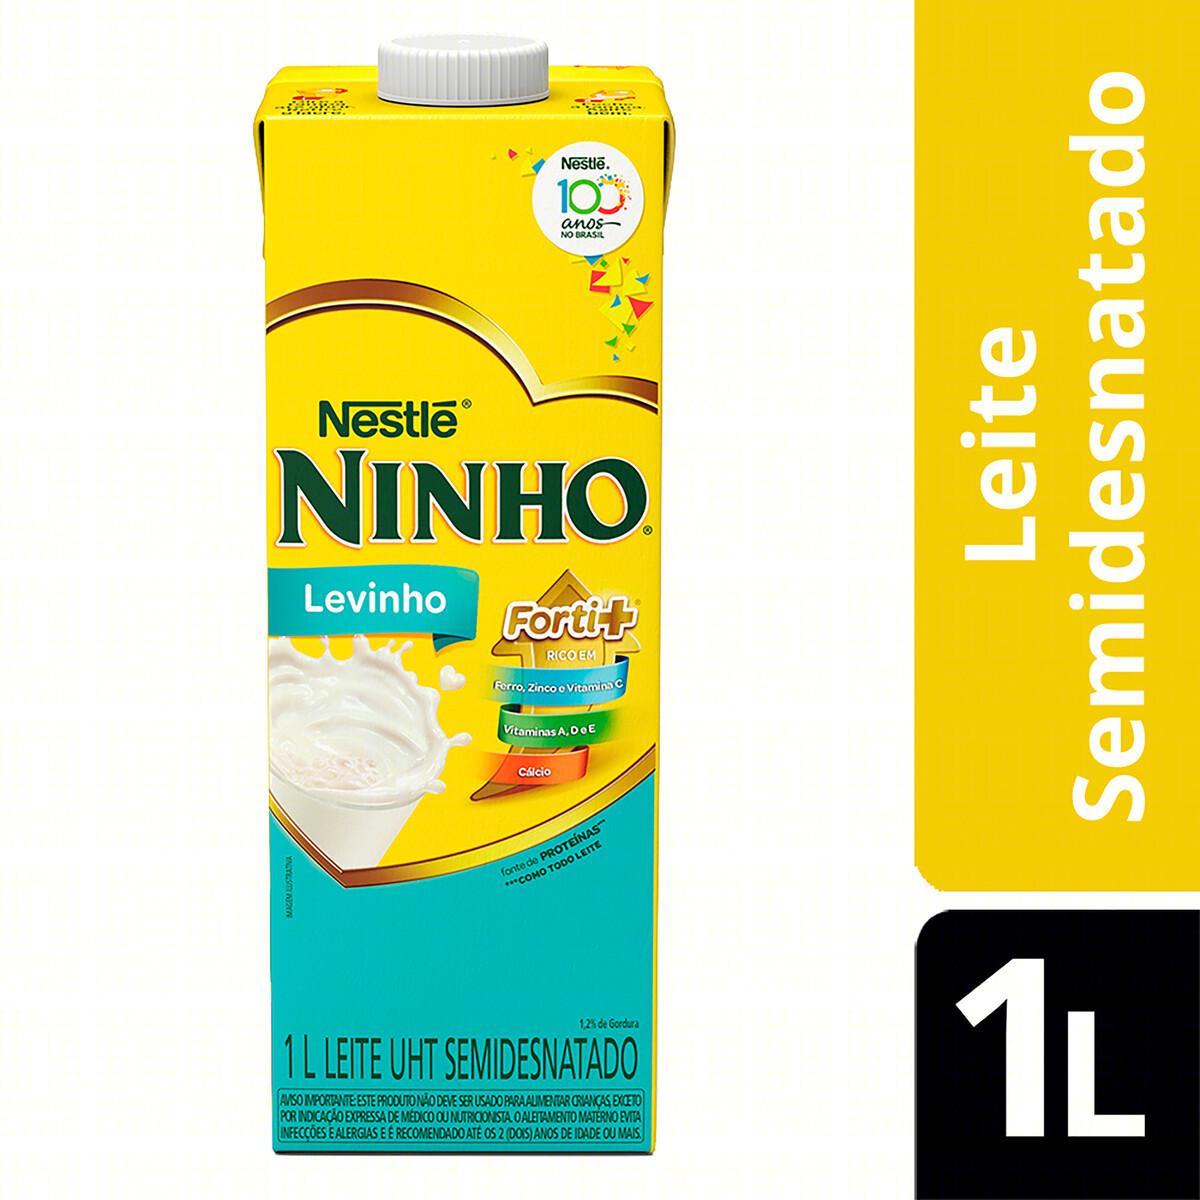 LEITE SEMI DESNATADO NINHO 1LT LEVINHO